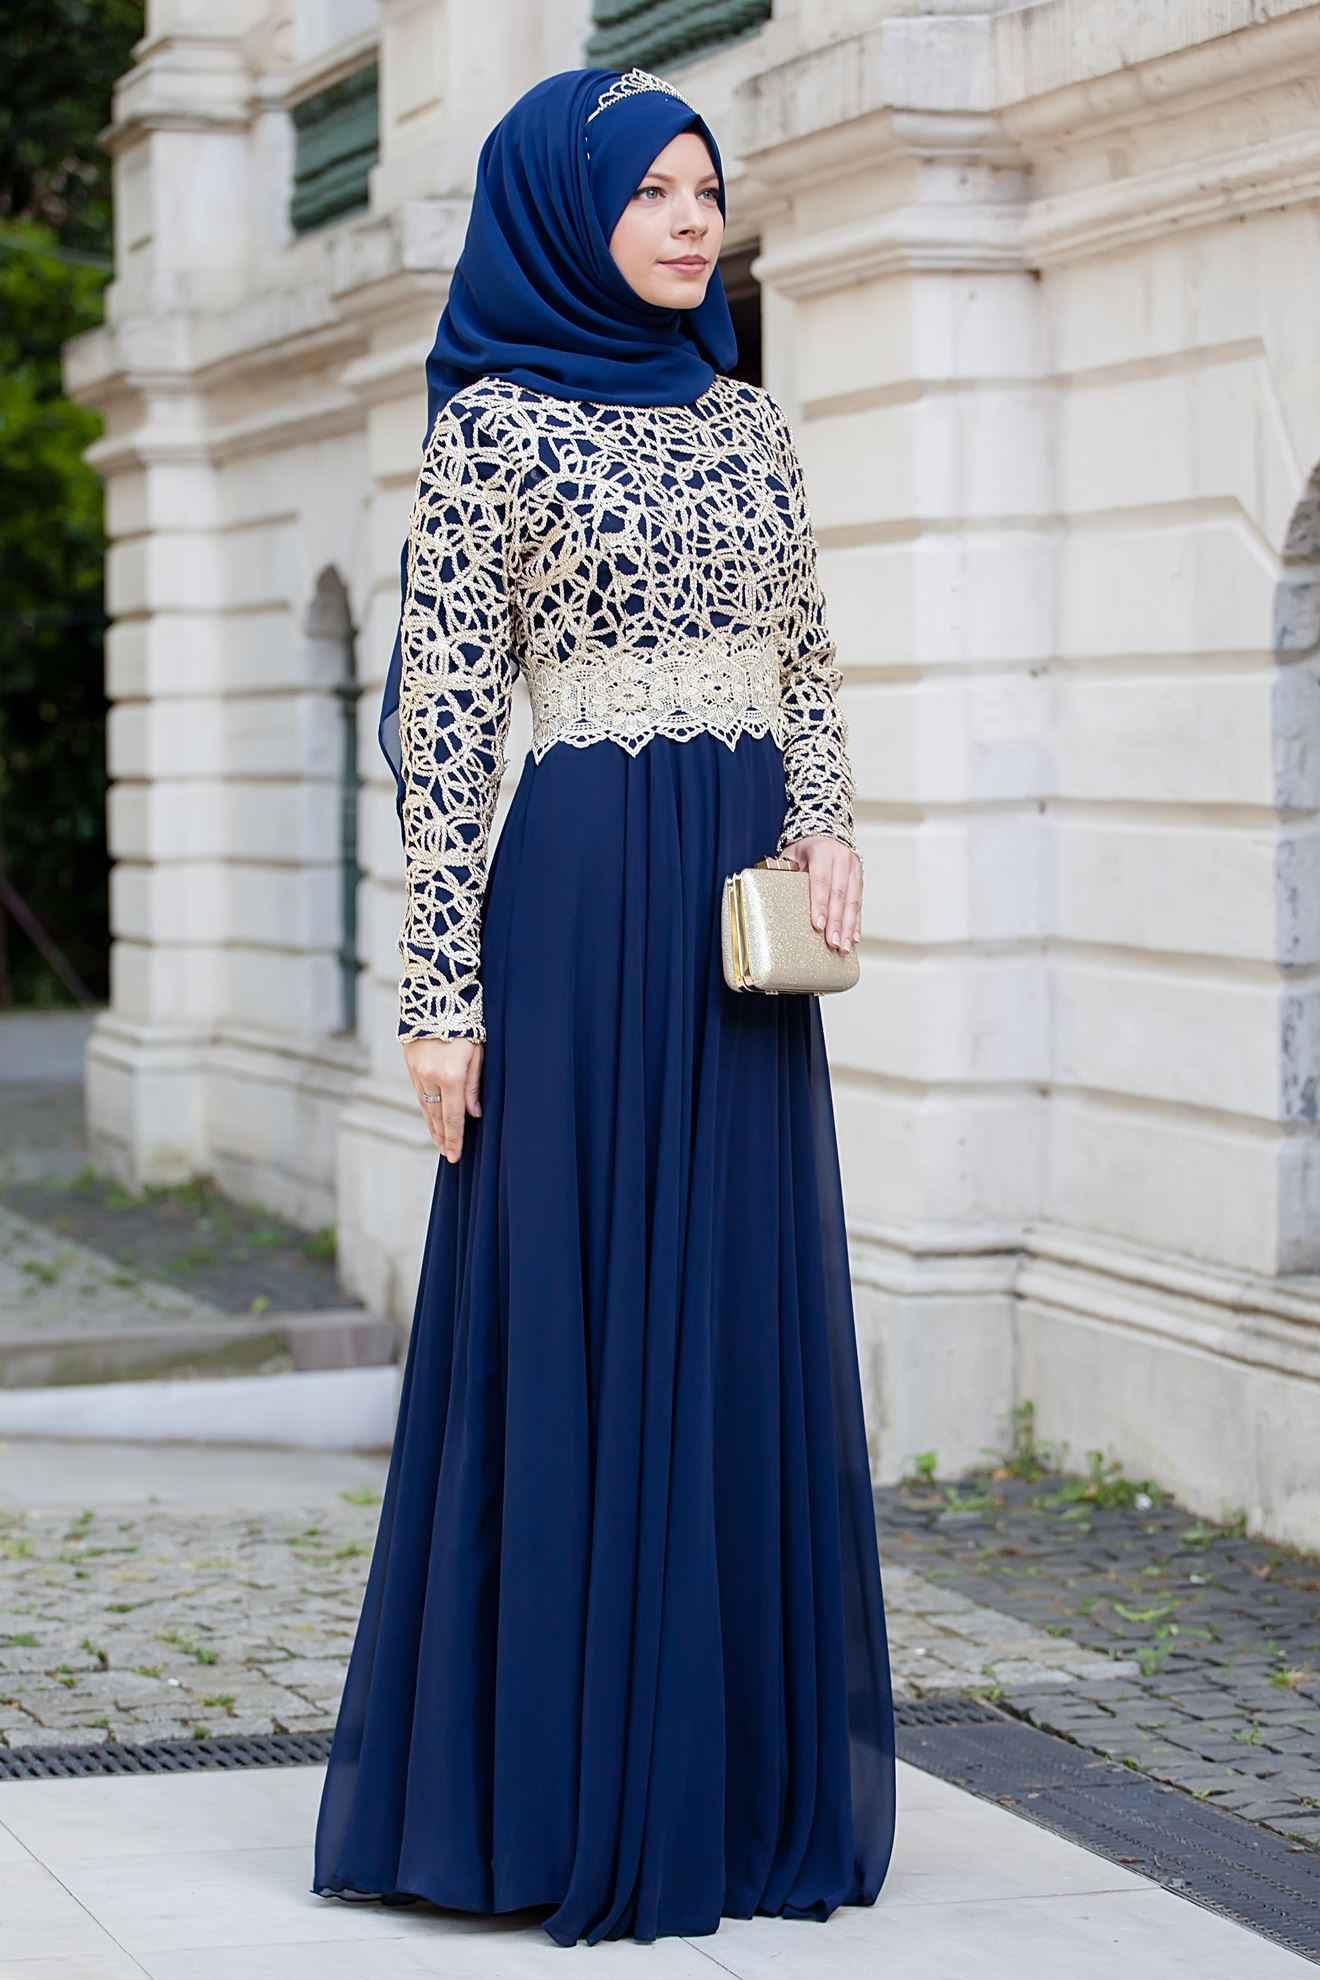 Sedanur Gold Dantelli Tesettür Lacivert Abiye Elbise Modelleri